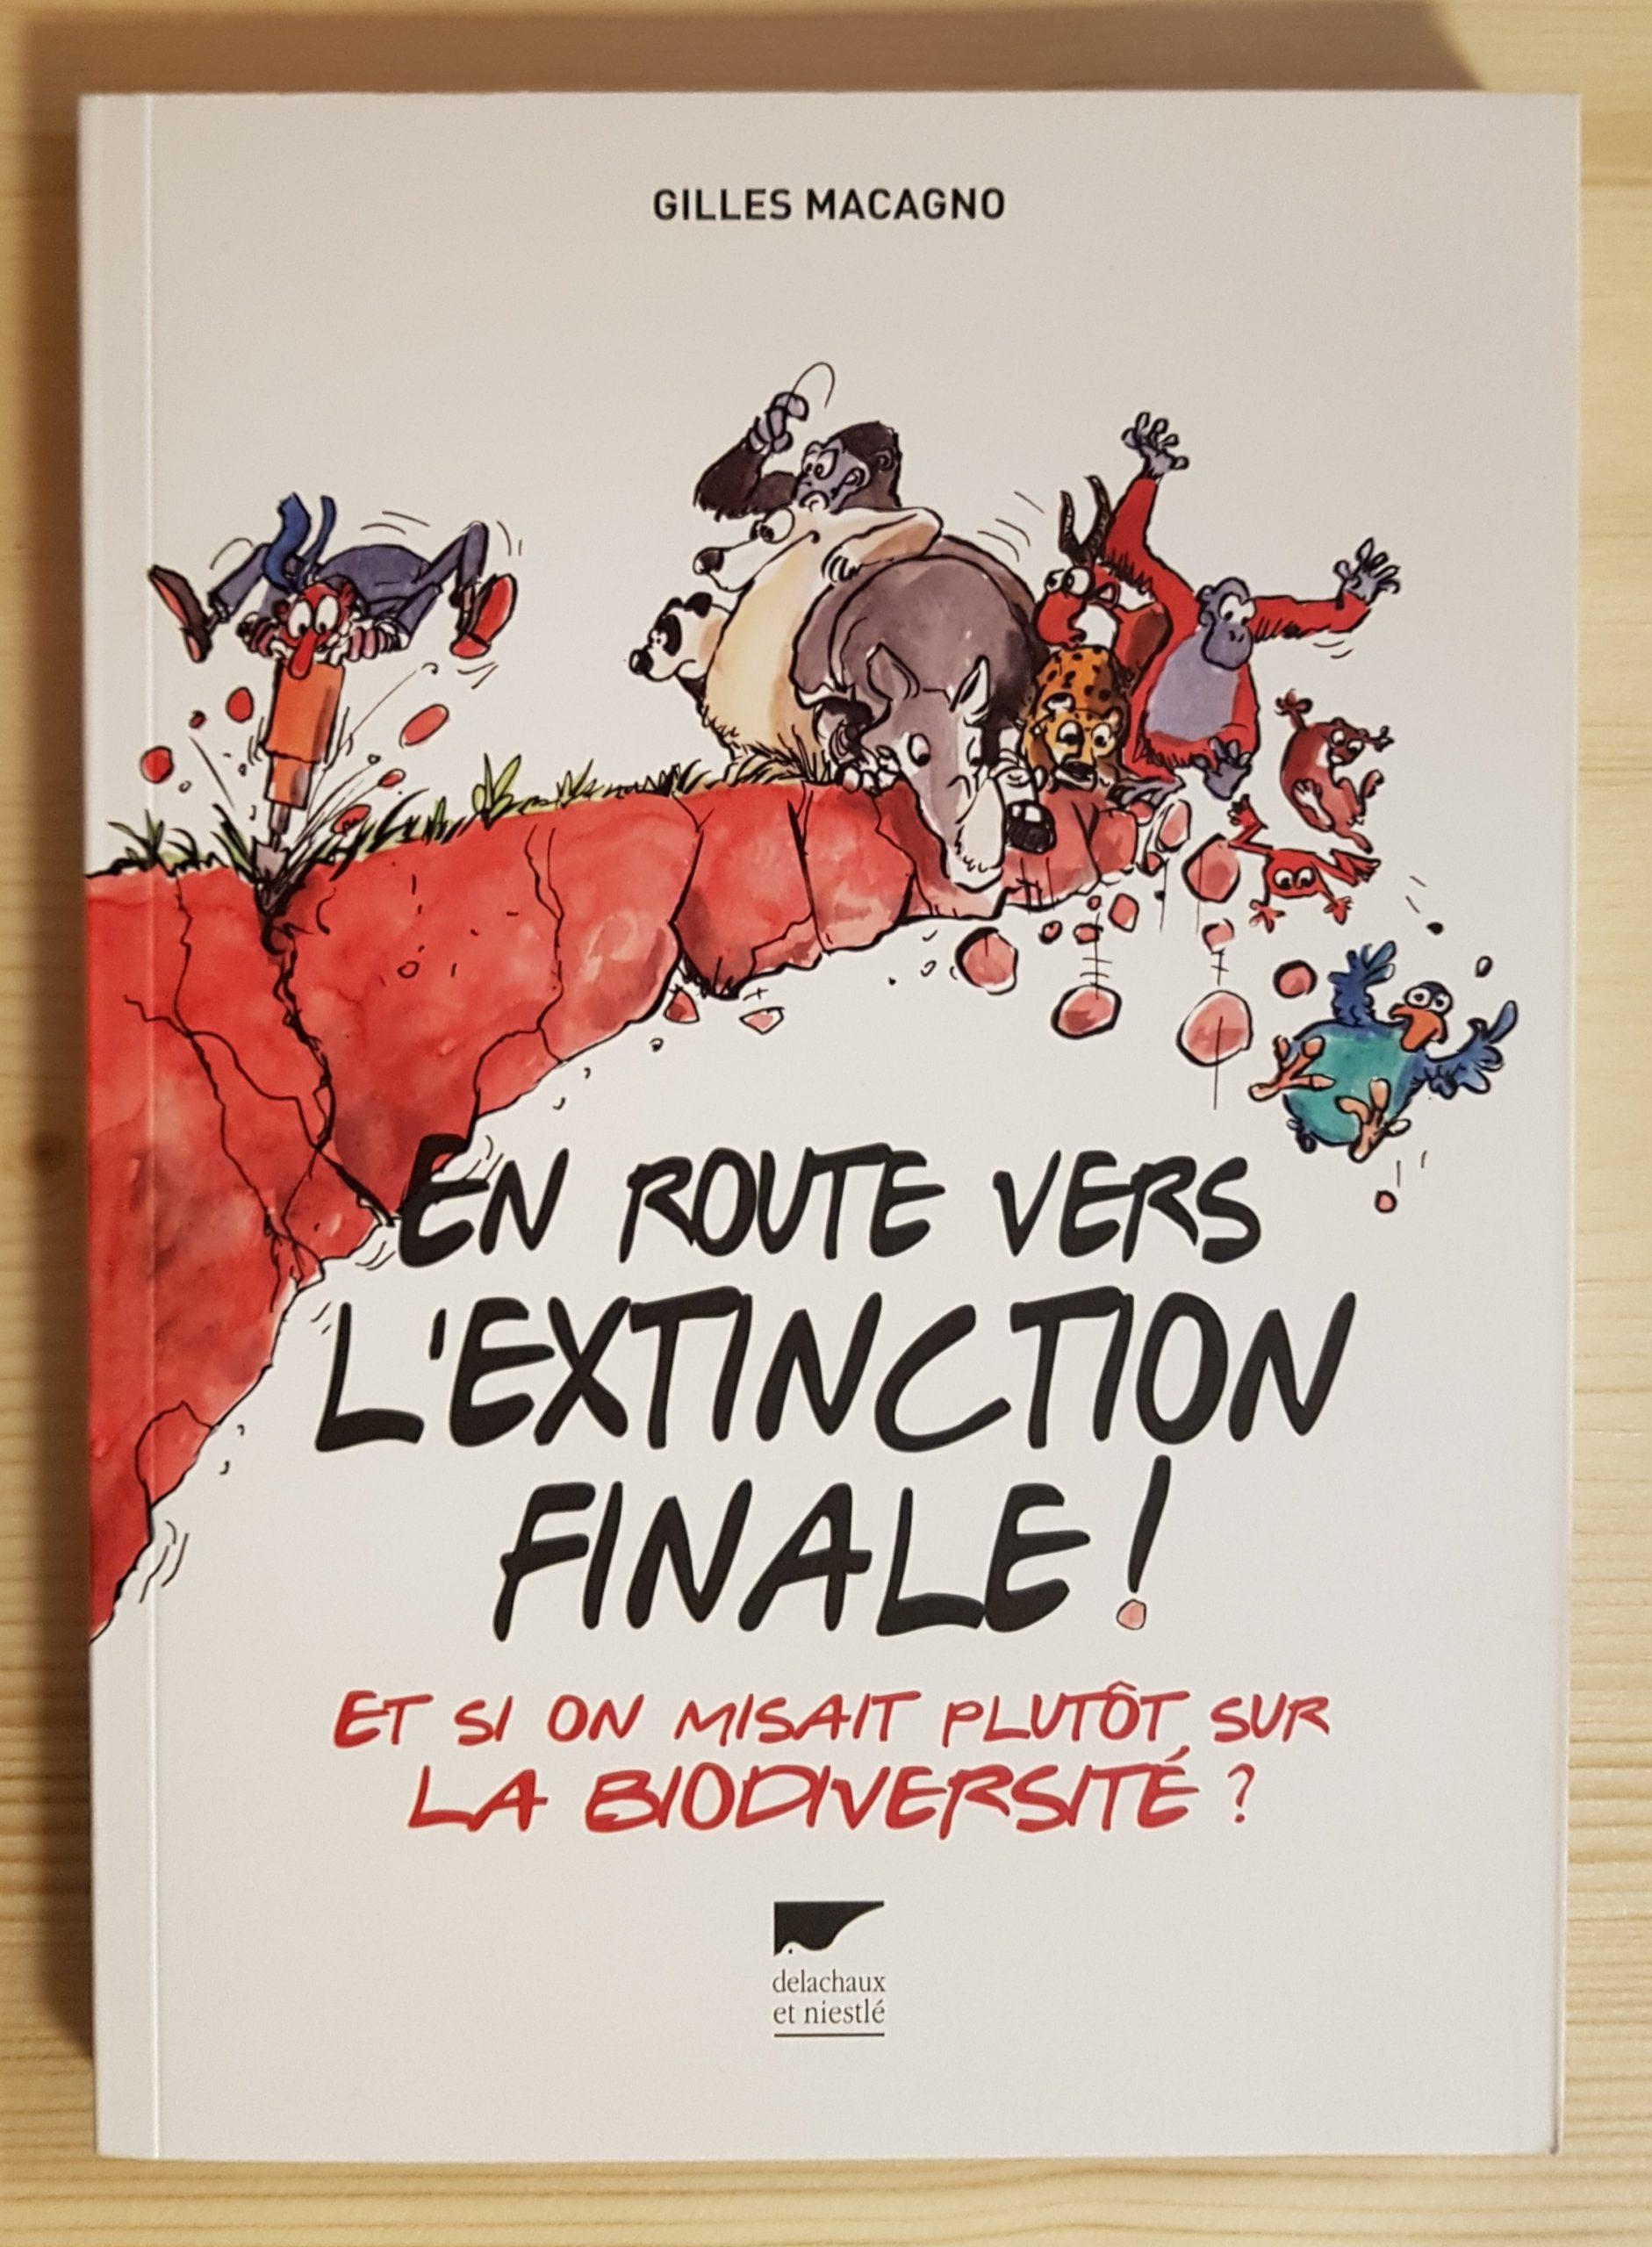 En route vers l'extinction finale